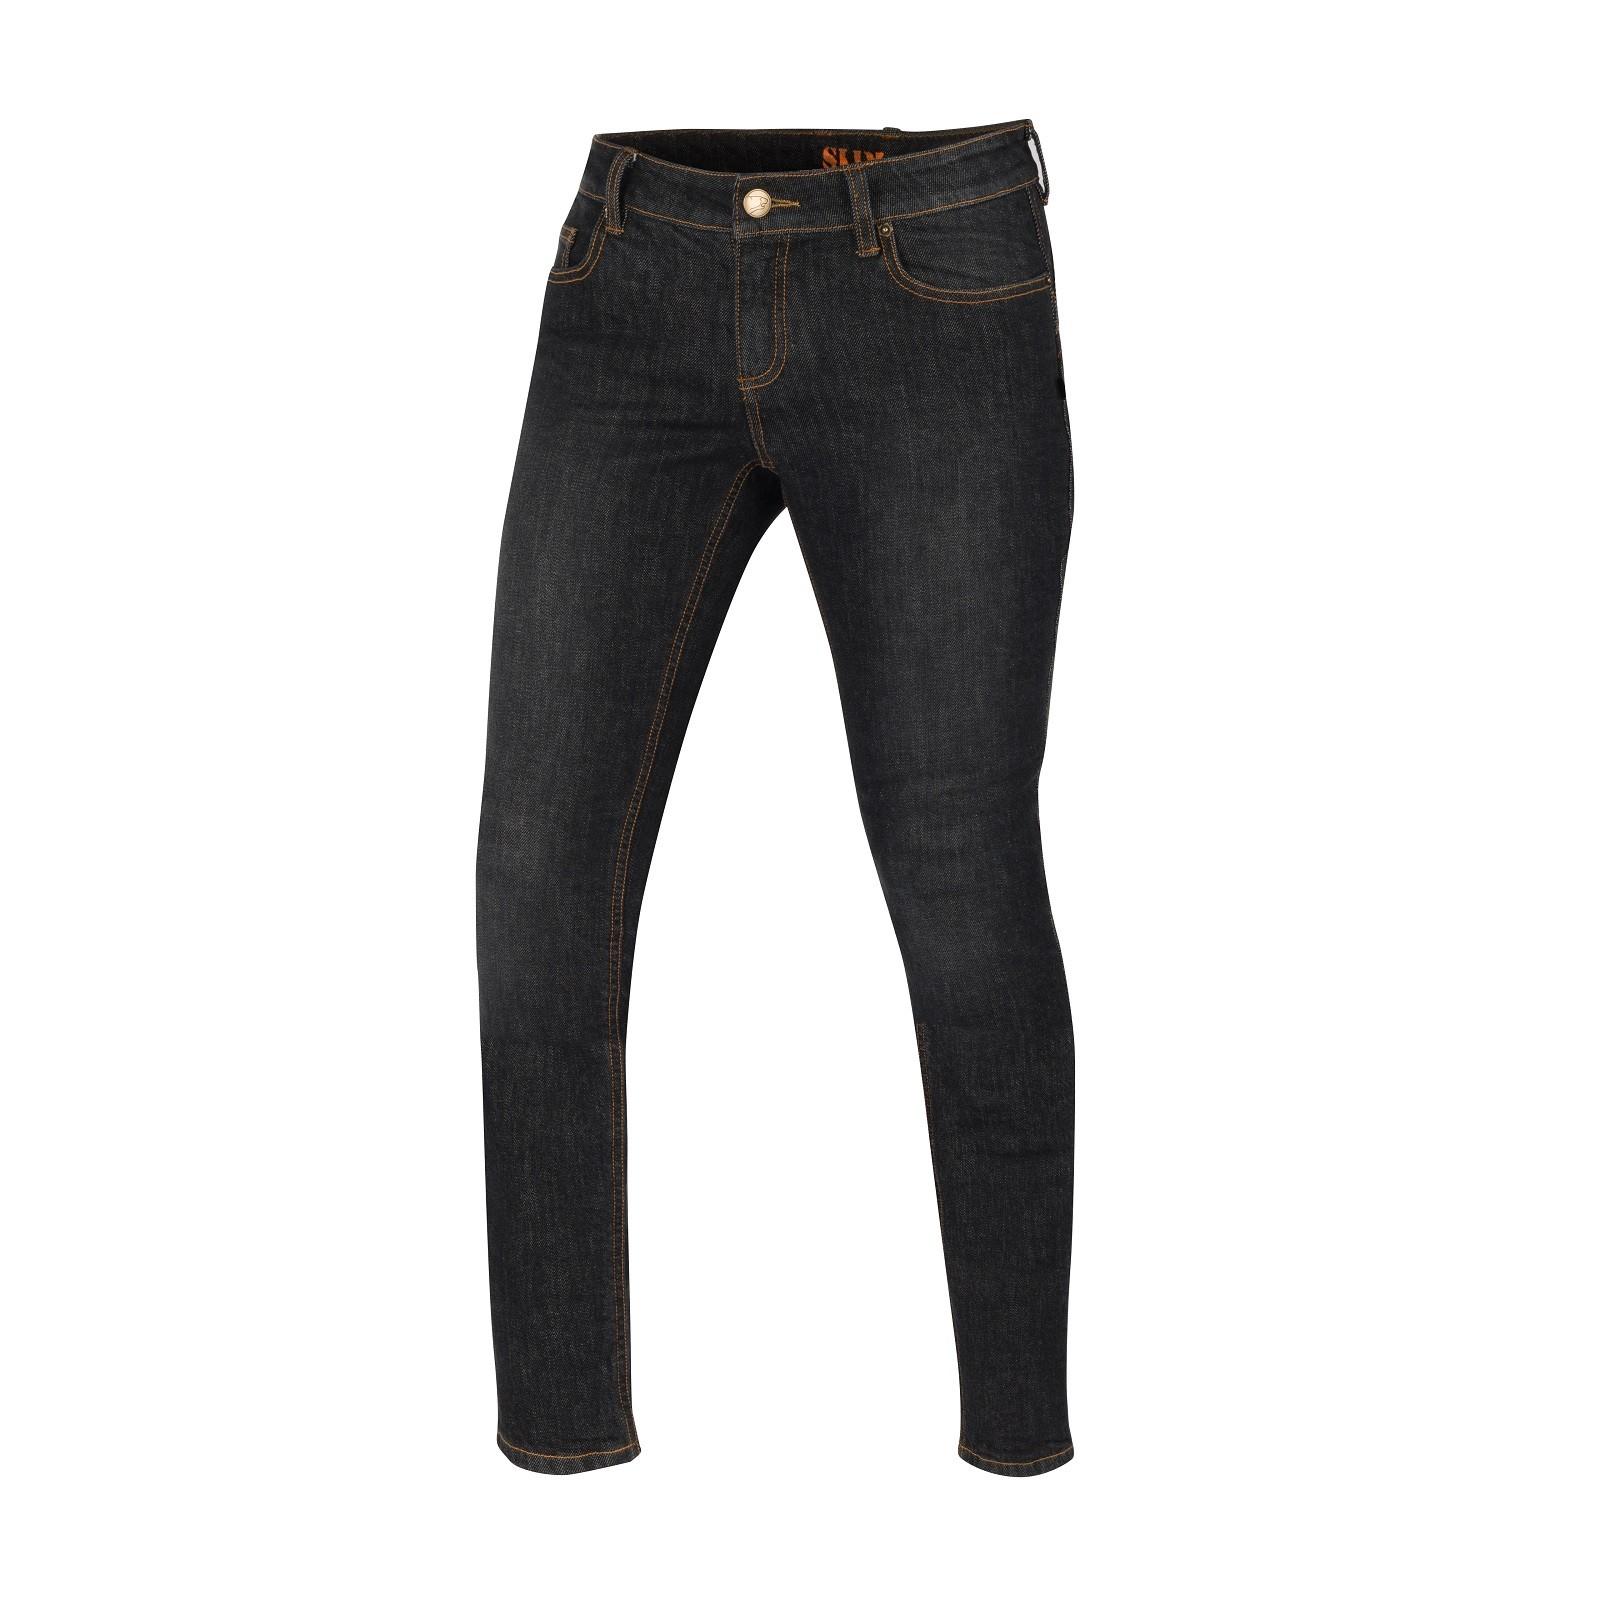 Pantalon LADY JODY Noir / BTP480